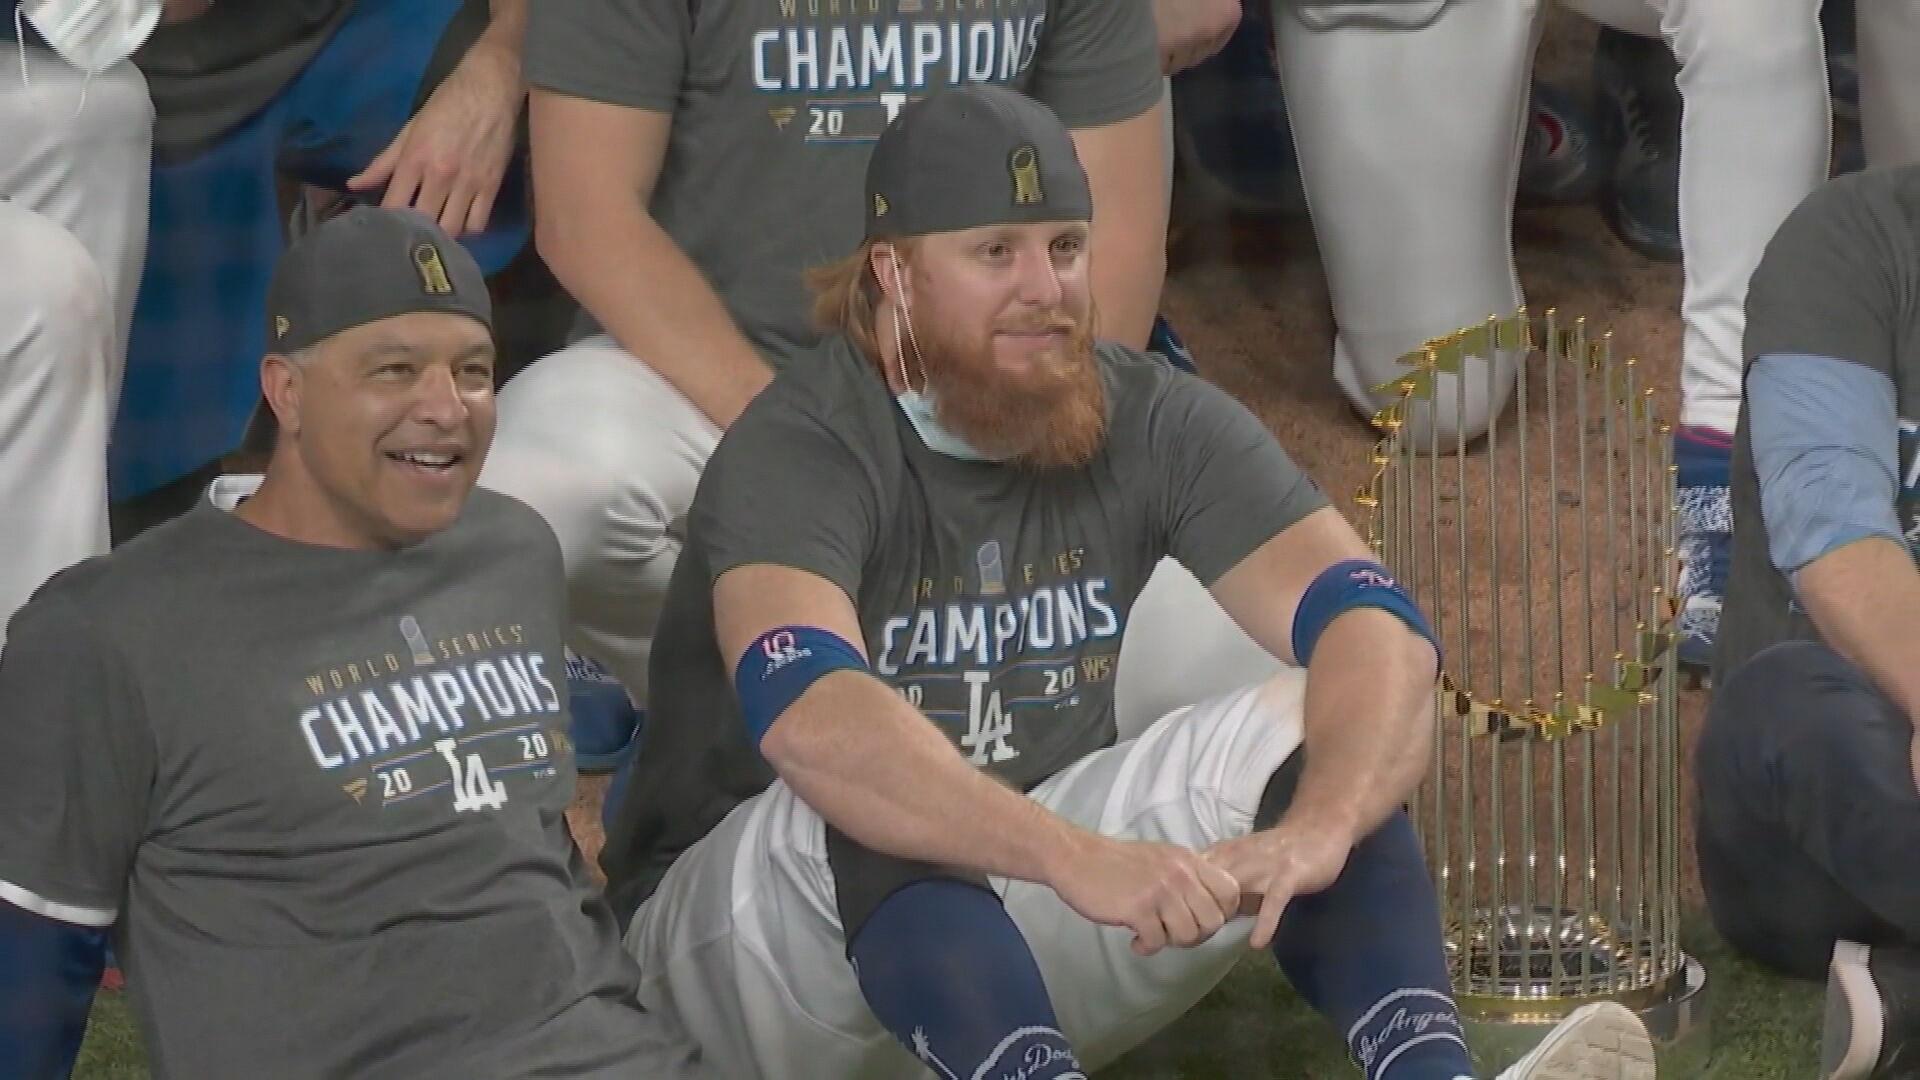 O rebatedorJustin Turner, do Dodgers